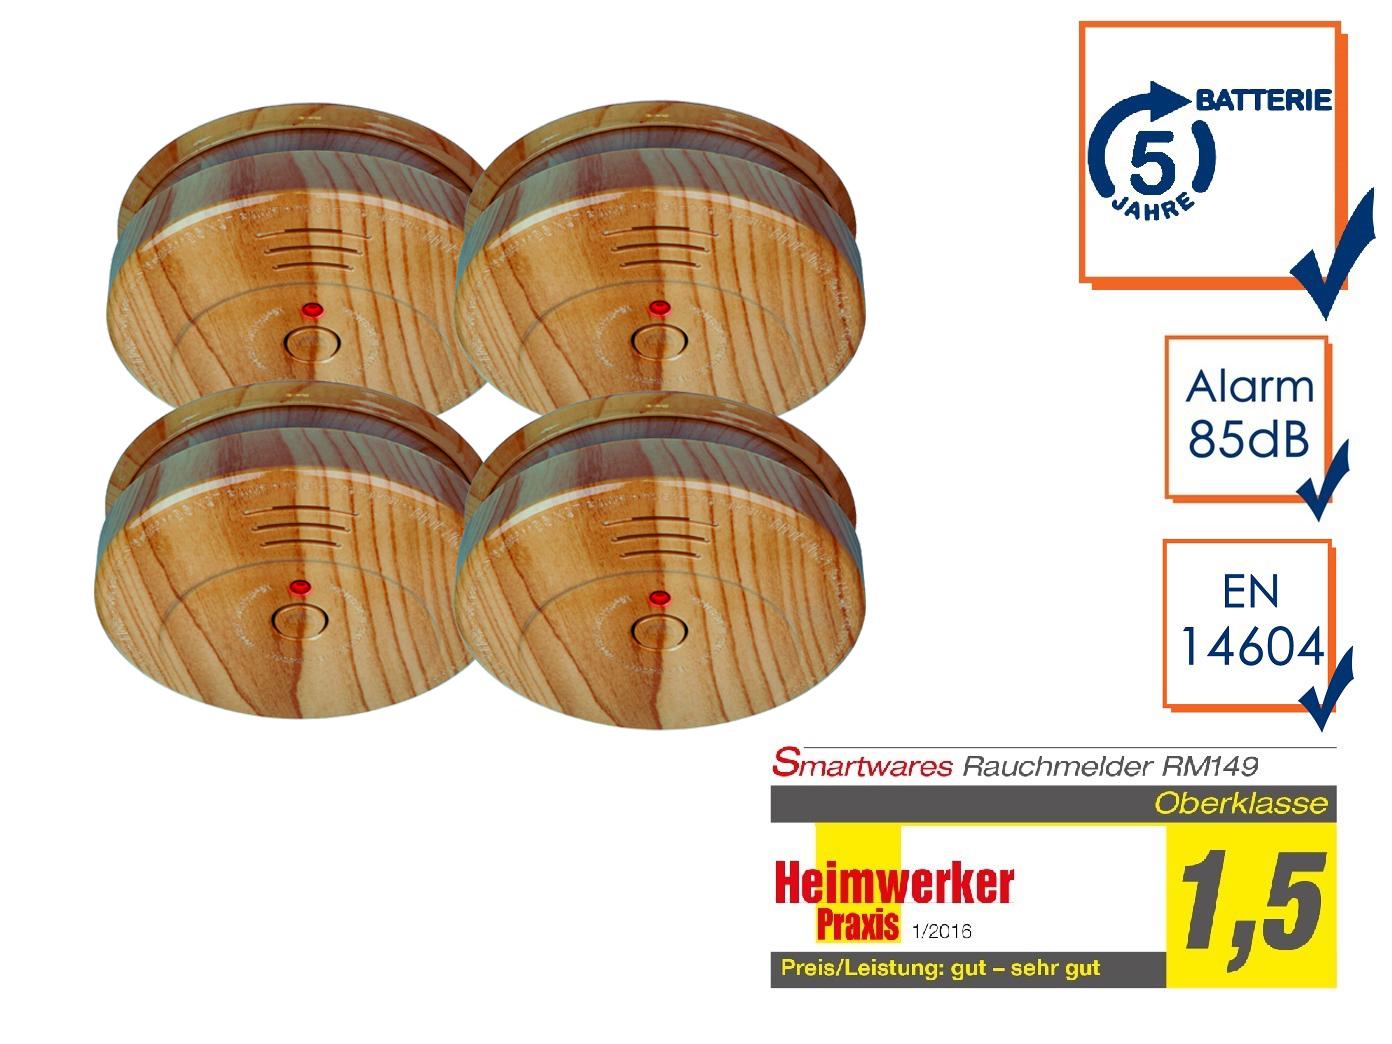 Alarm Feuer 10er SET Brand-Melder Holzoptik 5 Jahres Batterie EN14604 geprüft